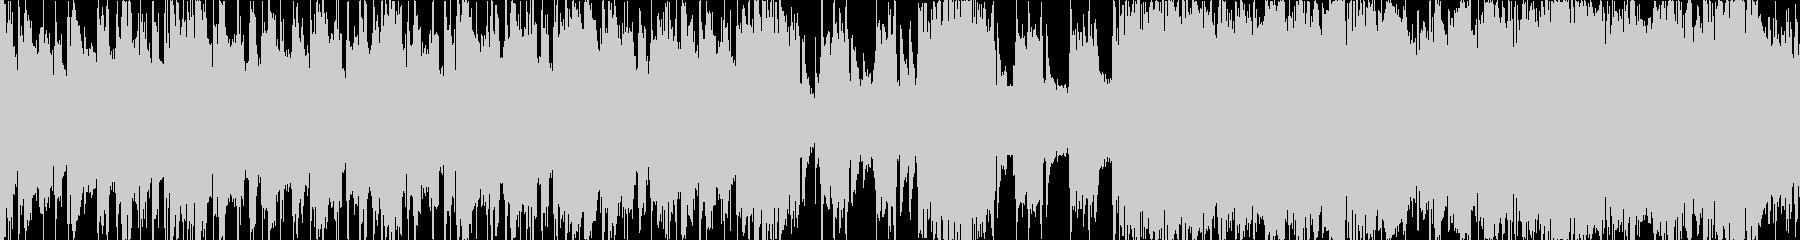 遅くて重いメタルインスト(ループ)の未再生の波形